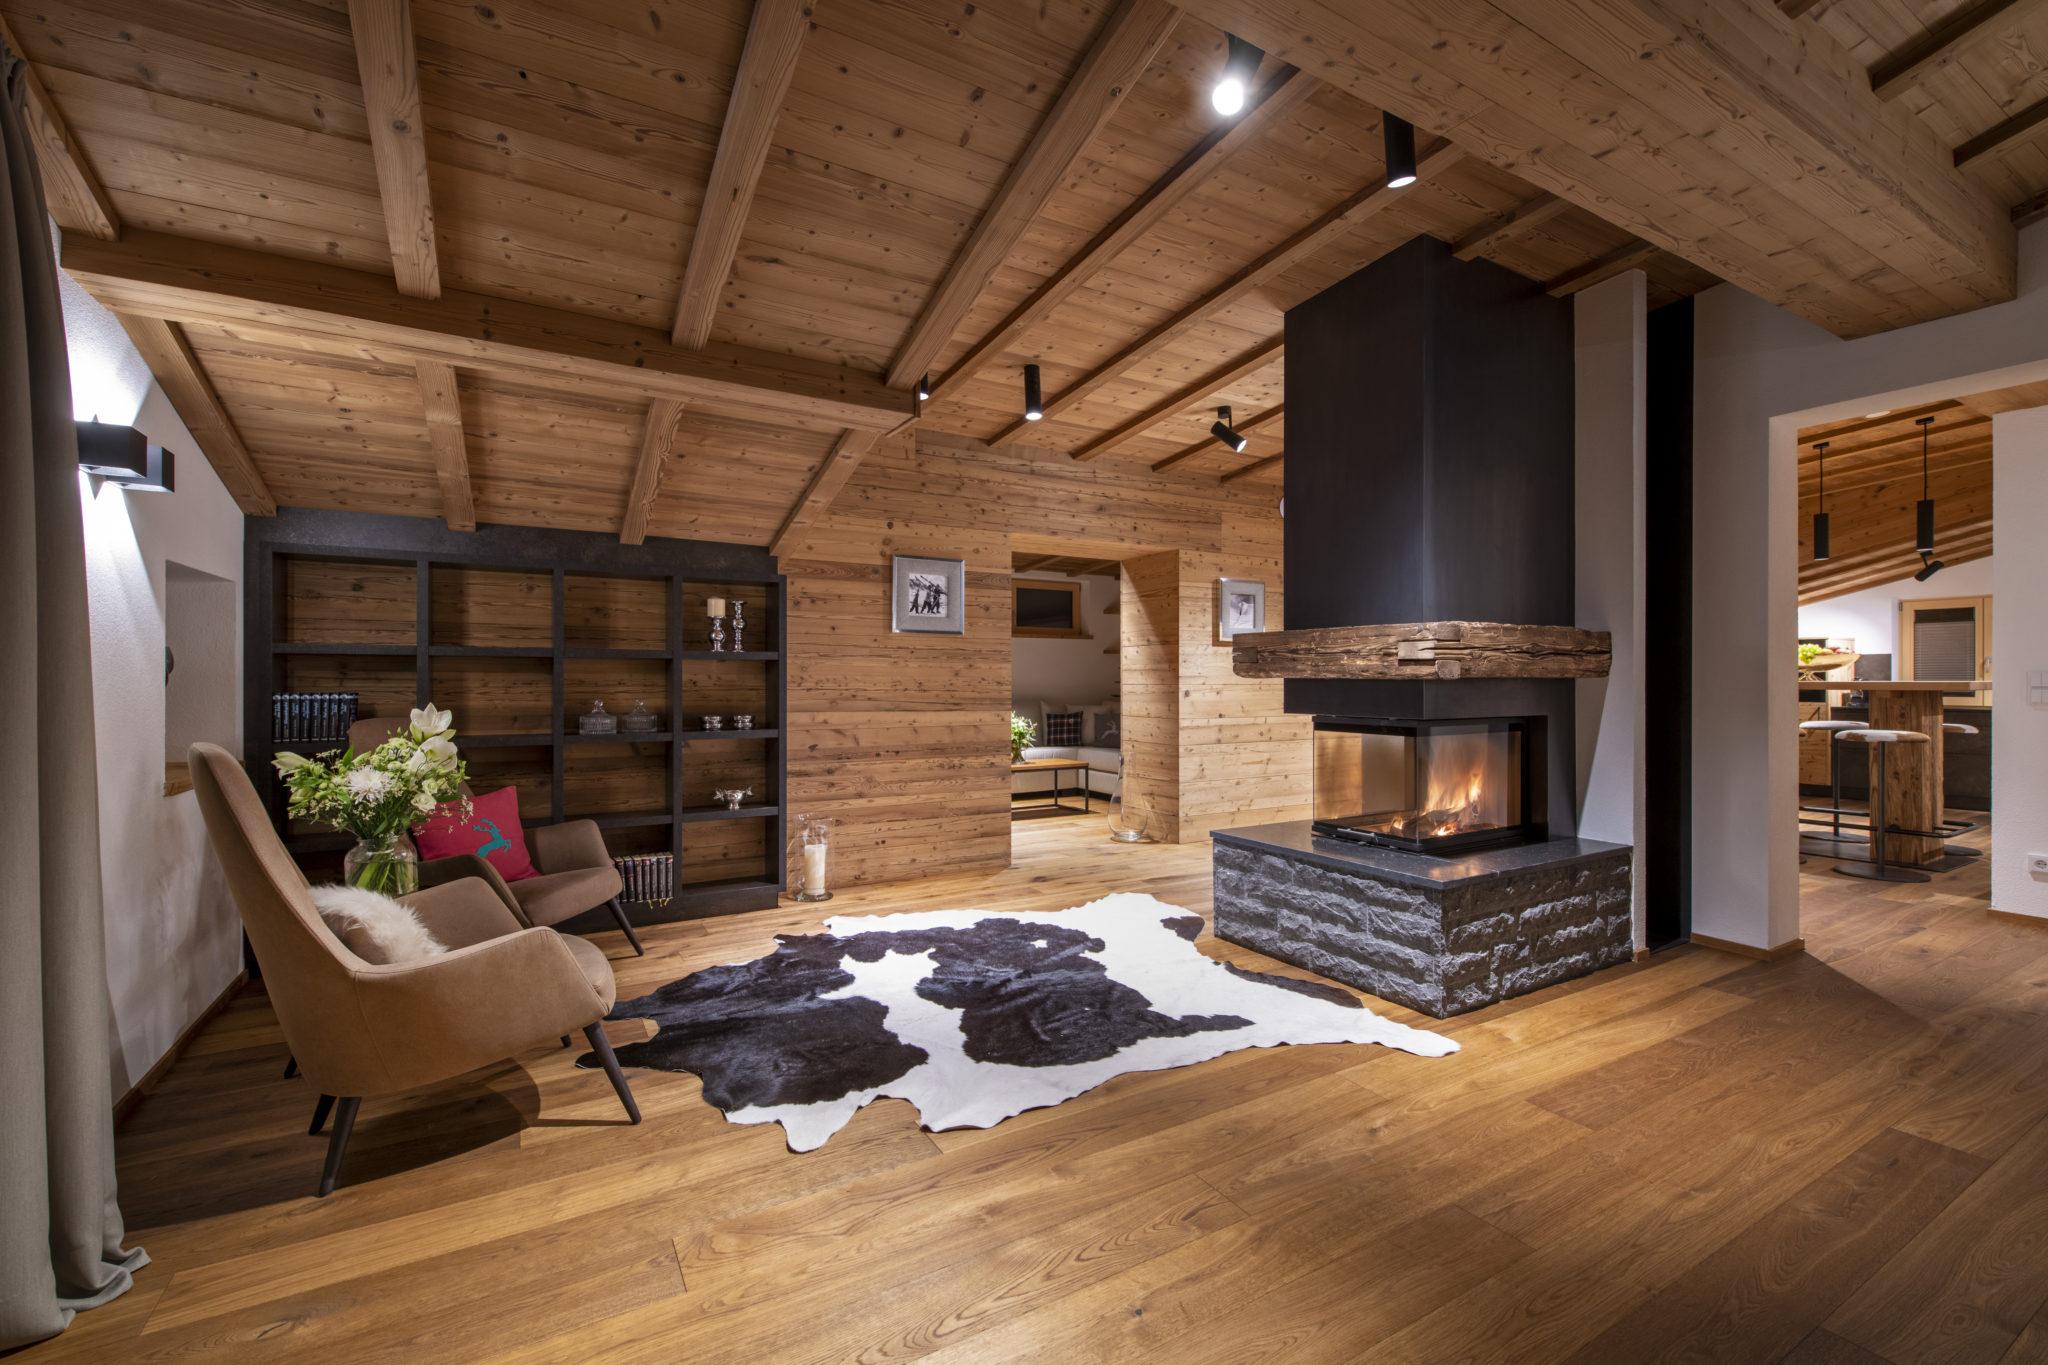 bhlhof-penthouse-11383-scaled